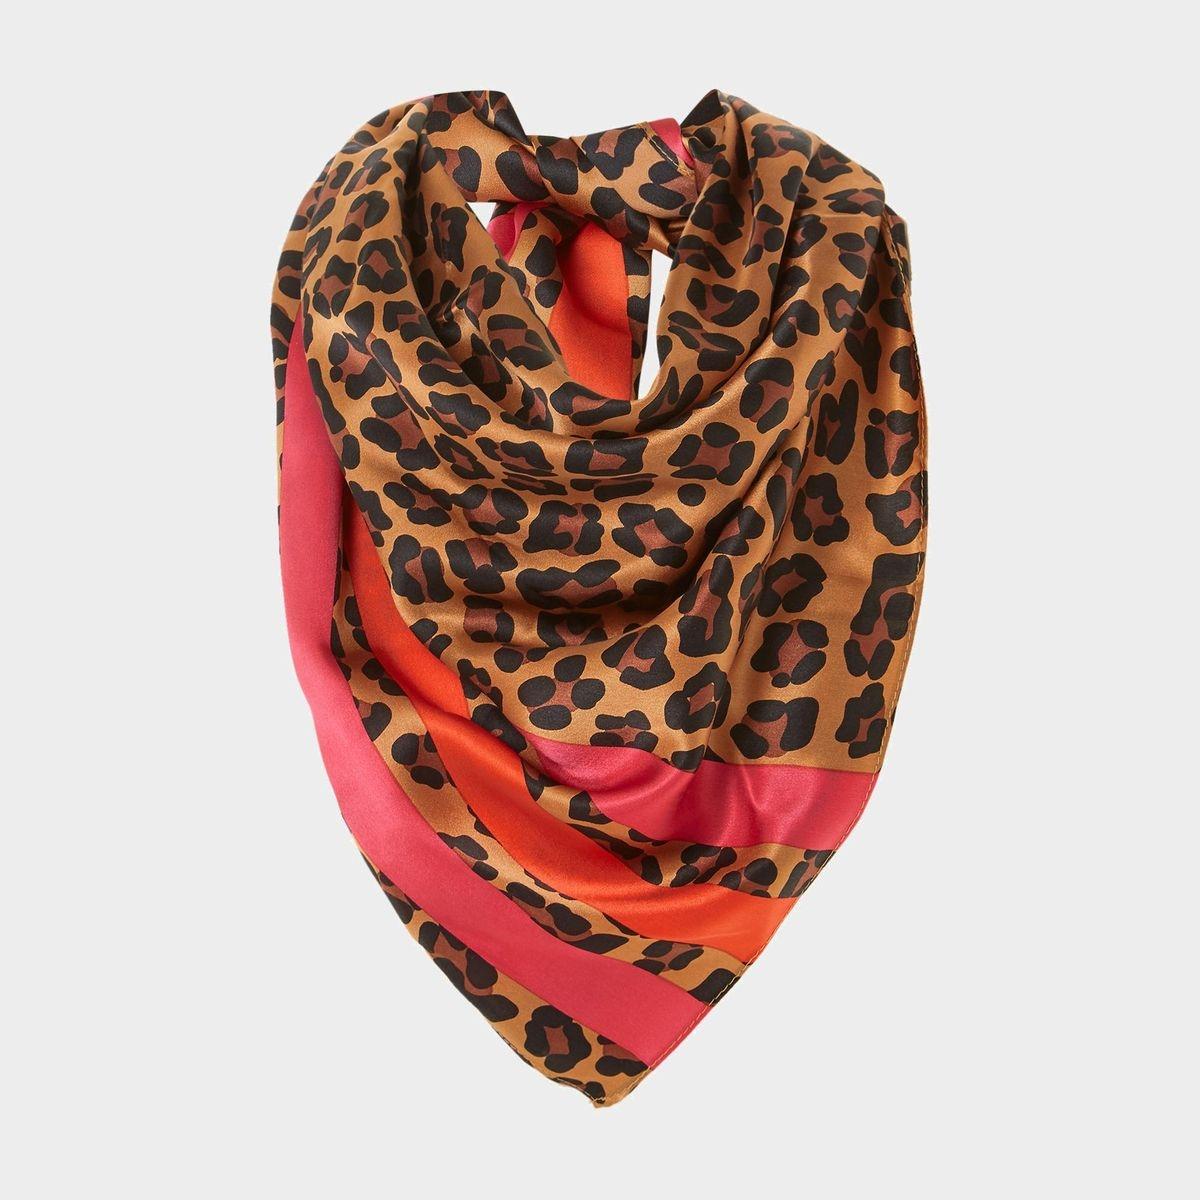 Foulard à rayures et imprimé léopard - LULABELLA